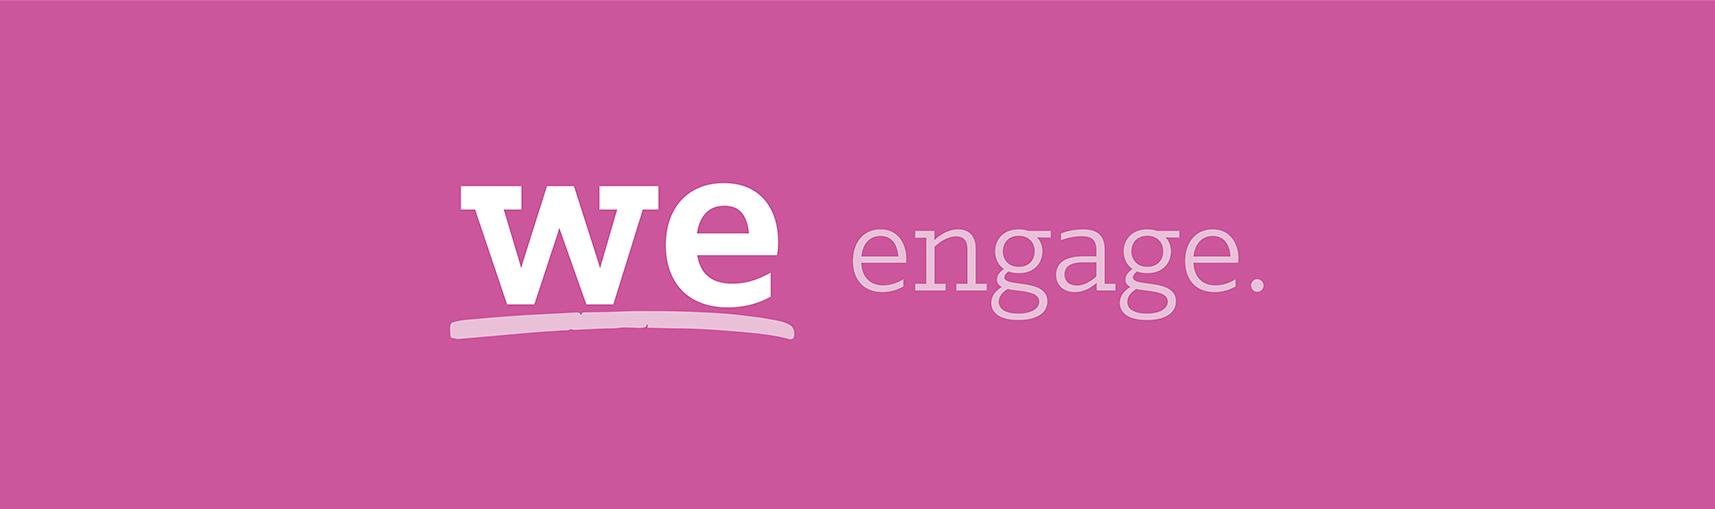 We Engage.